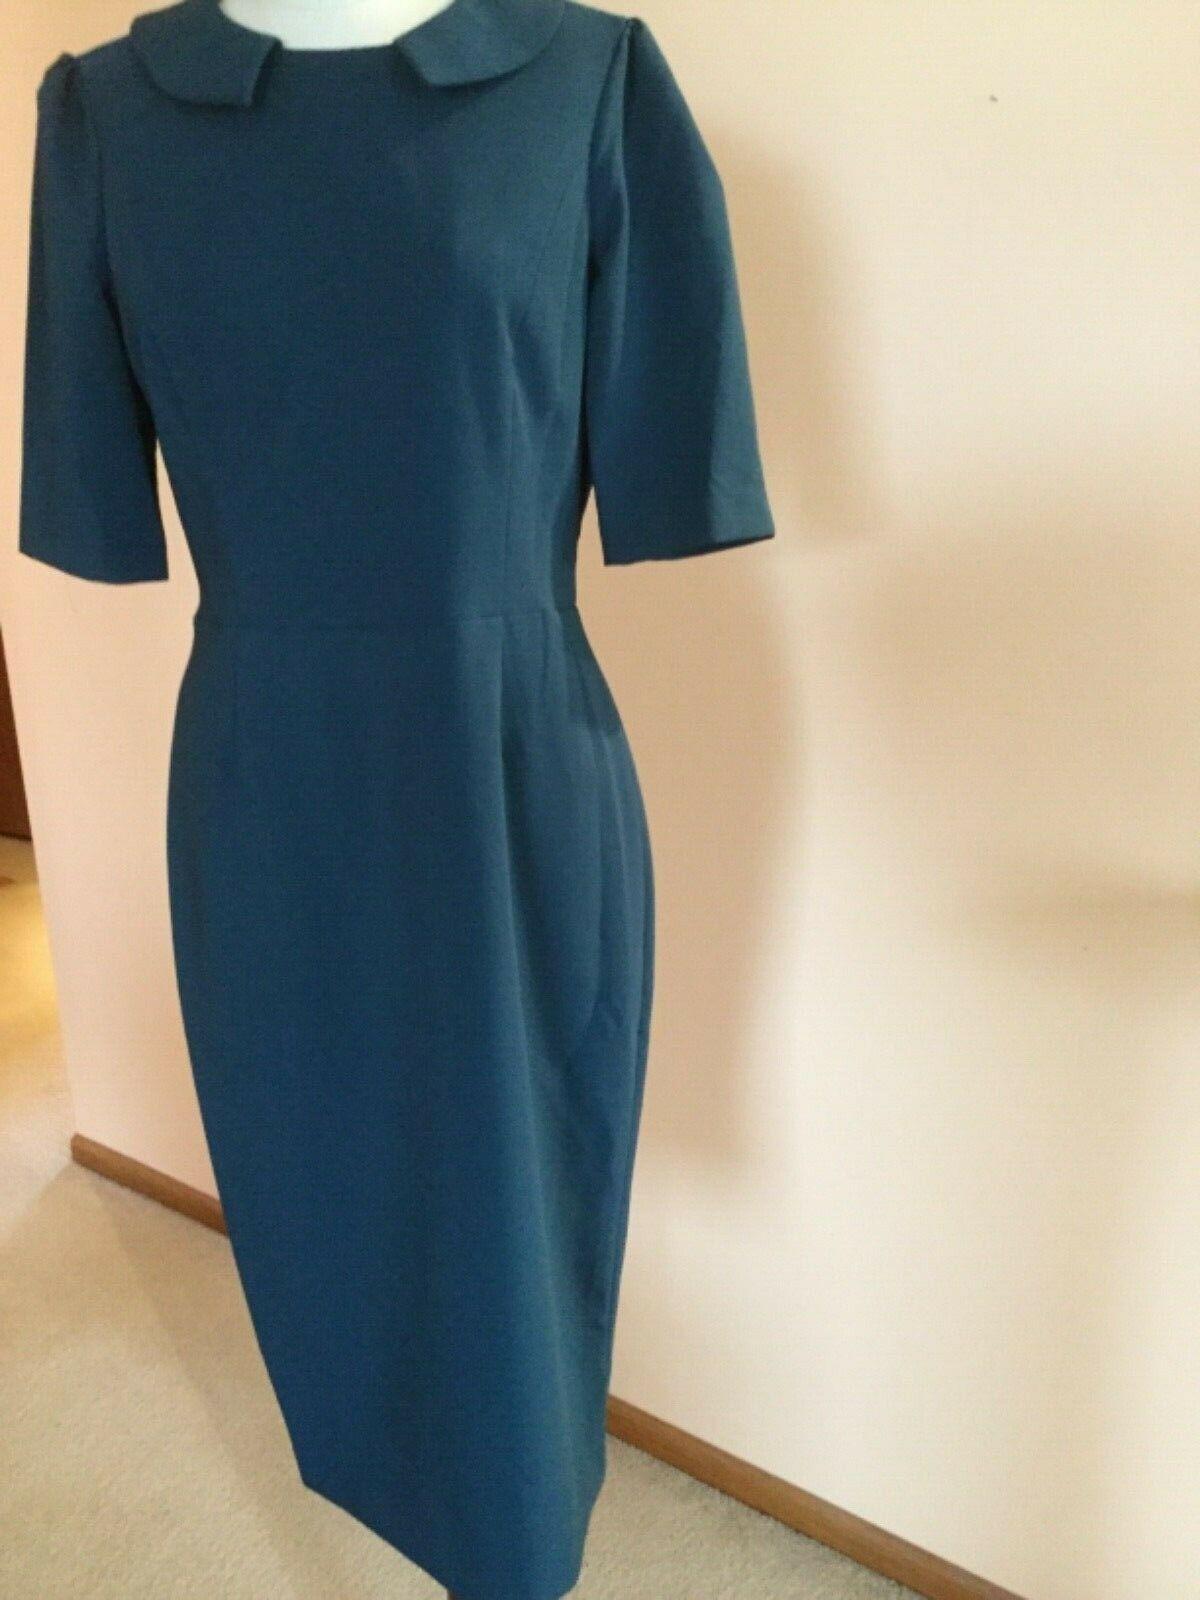 Women's Dress,XL,Green,,Long Sleeves ,Armani Collezioni,NWOT